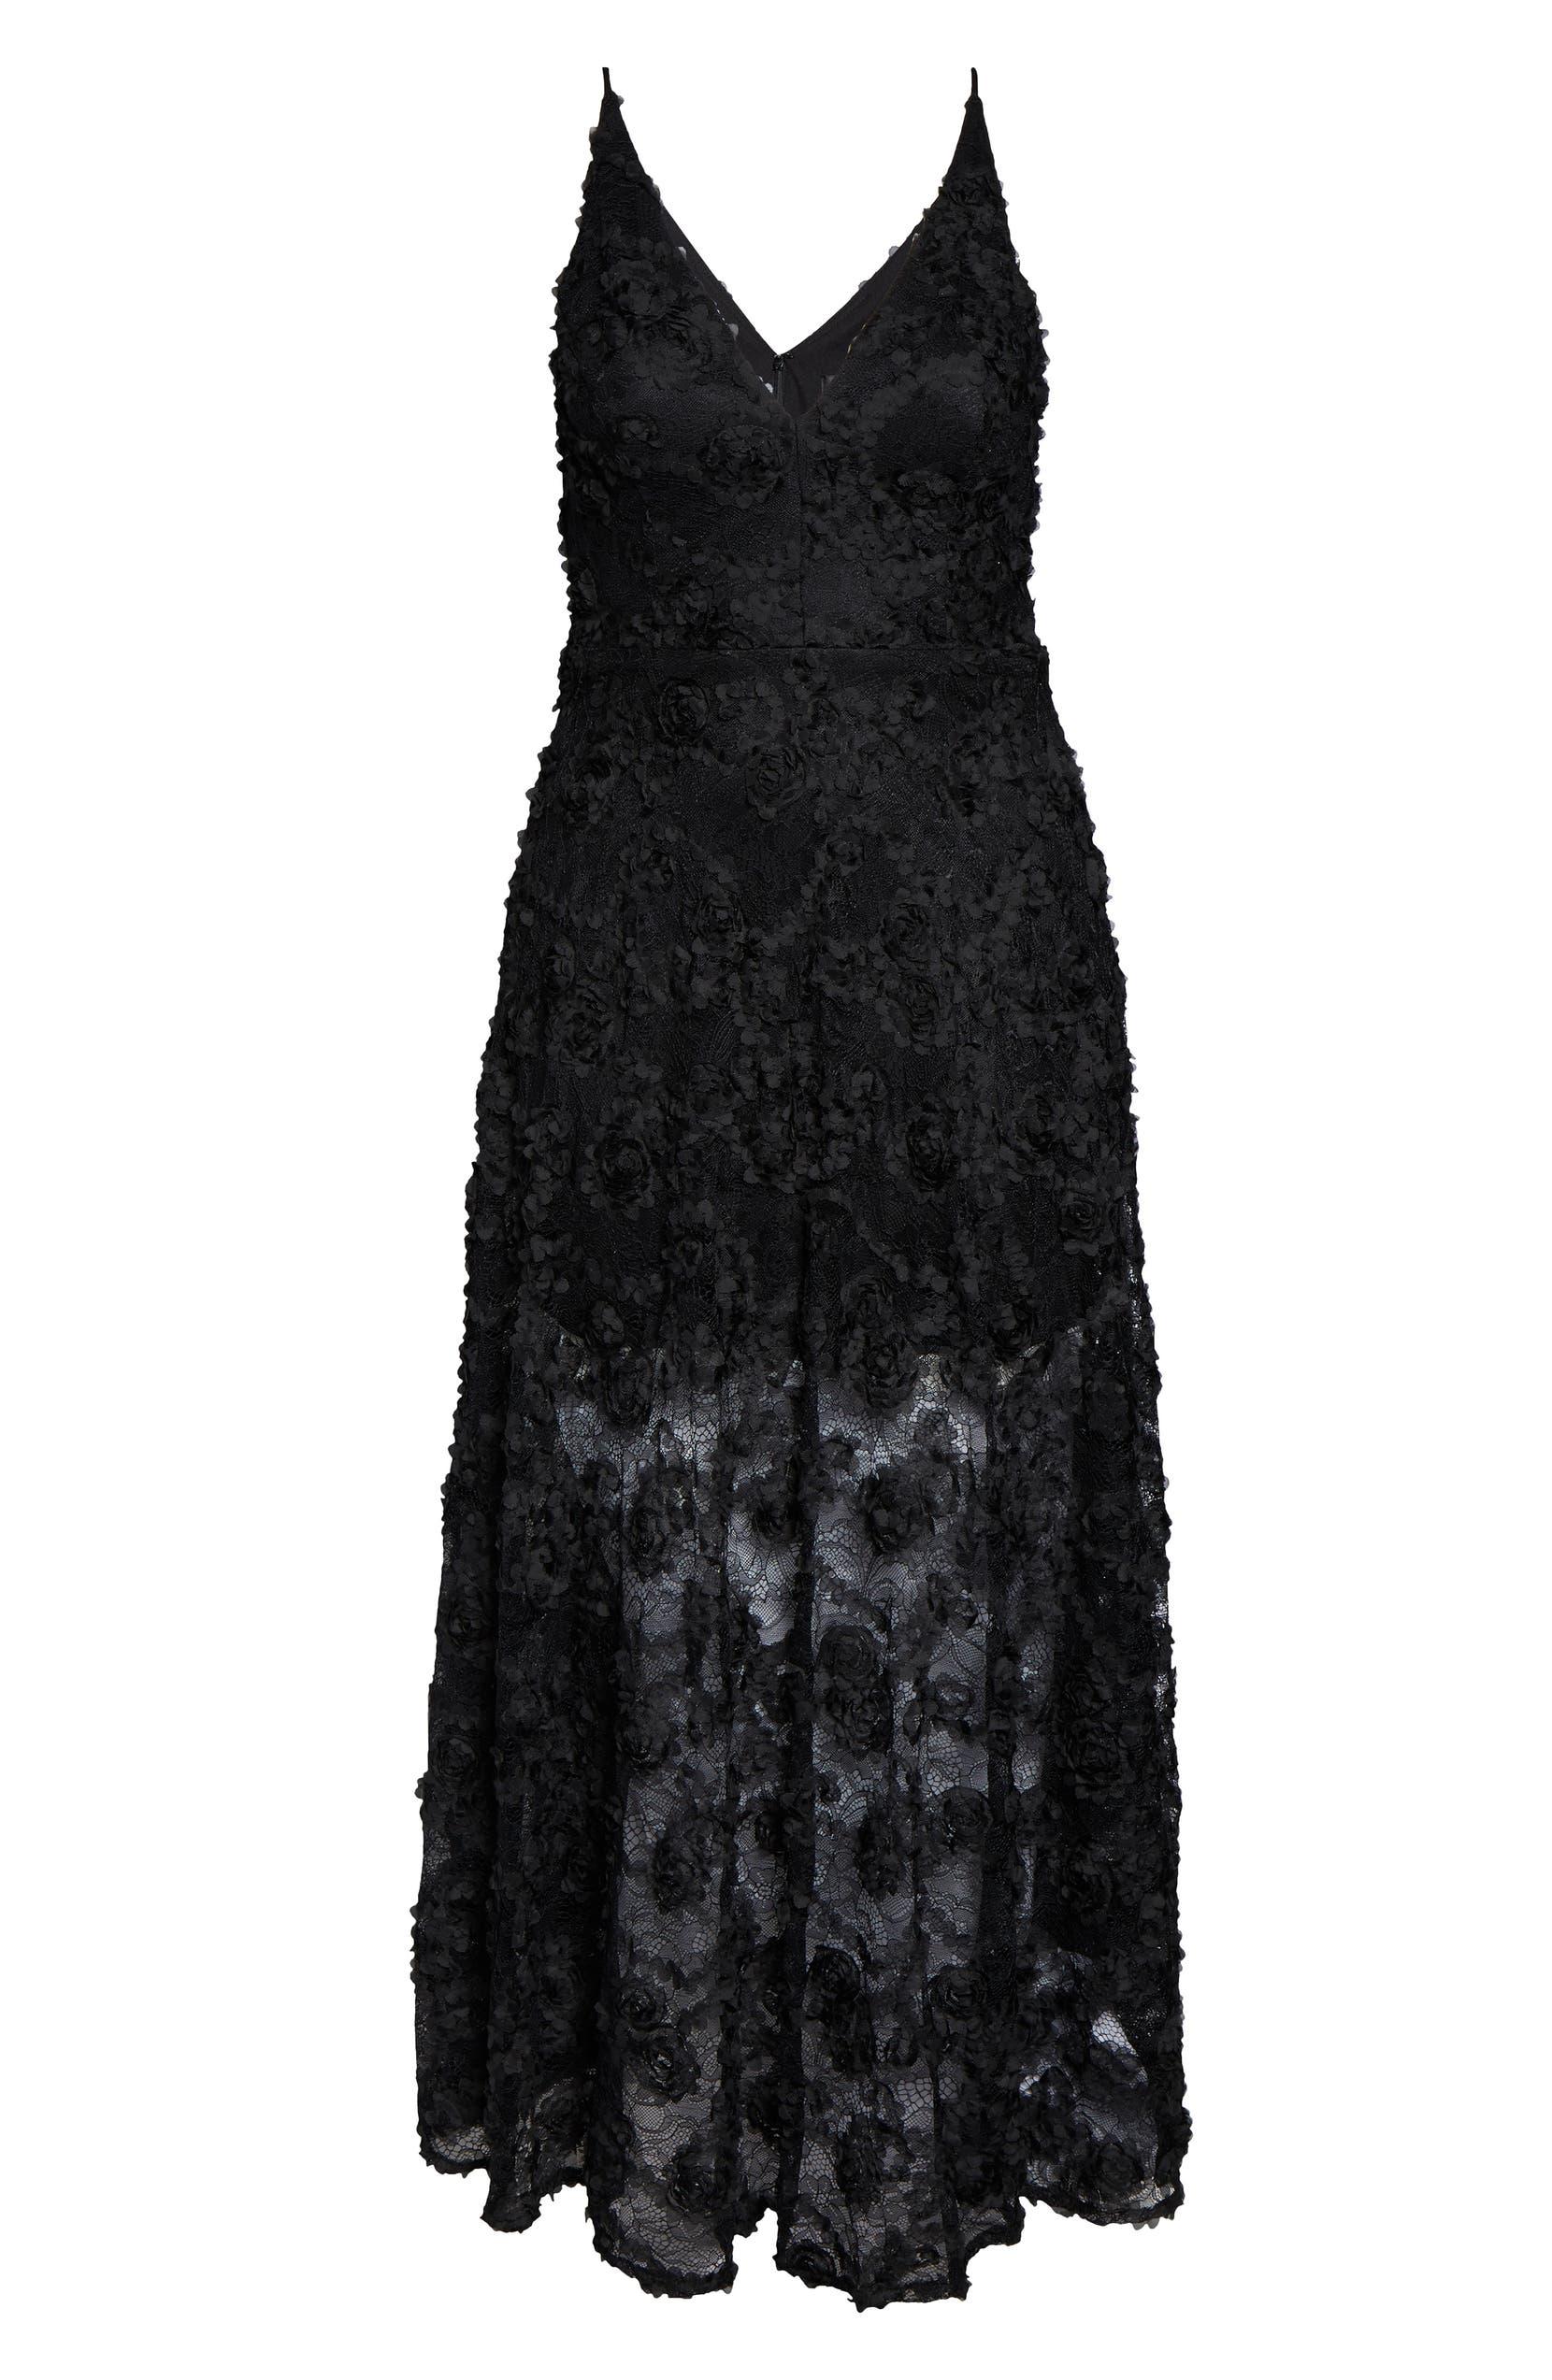 3D Lace V-Neck Evening Dress